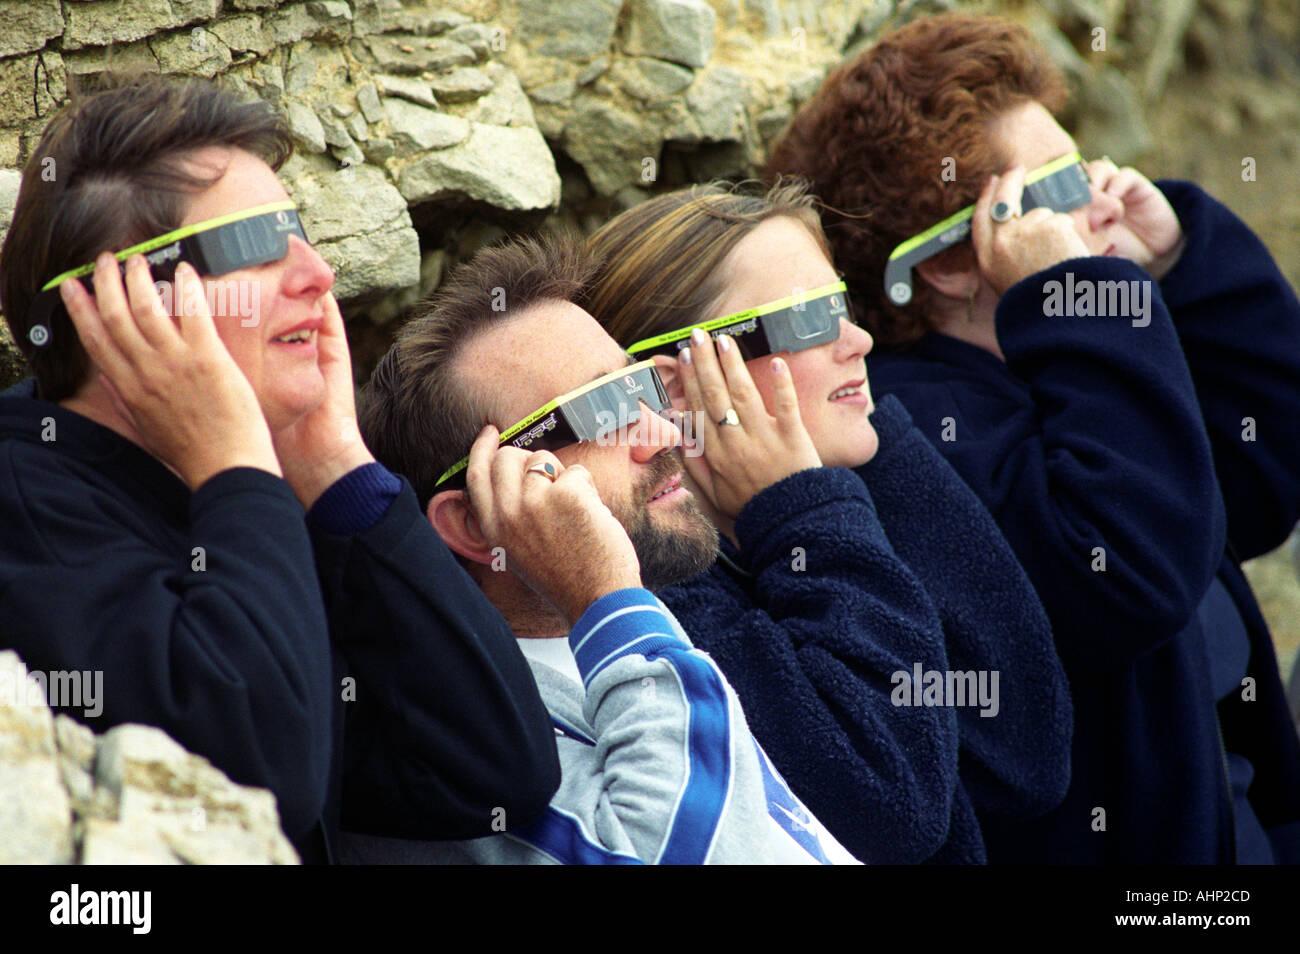 Menschen zu sehen, eine totale Sonnenfinsternis von der Sonne durch Schutzbrille Stockbild